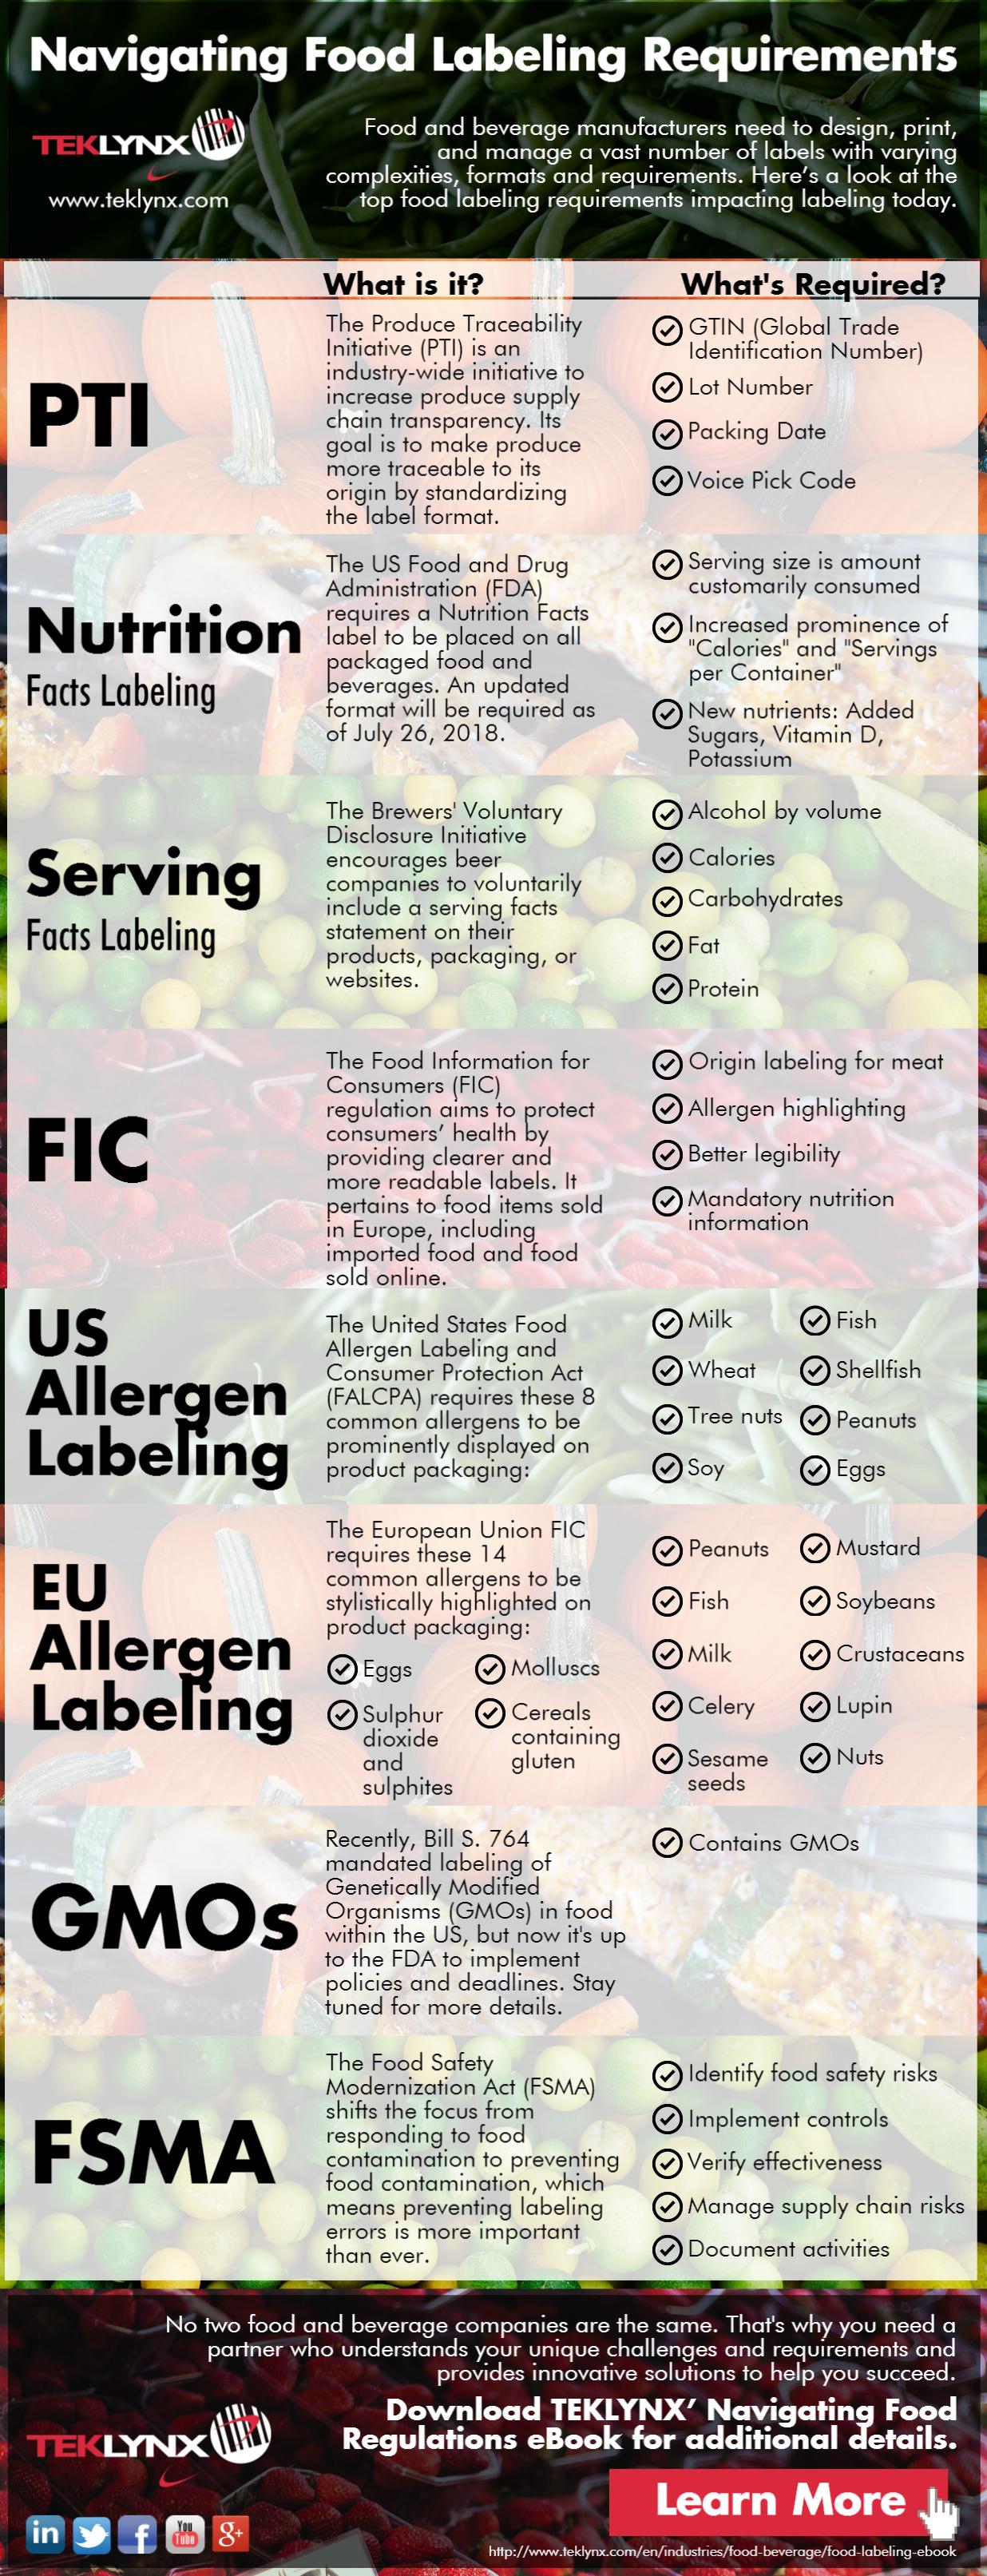 אינפוגרפיקה: ניווט בדרישות לעיצוב תוויות בתחום המזון